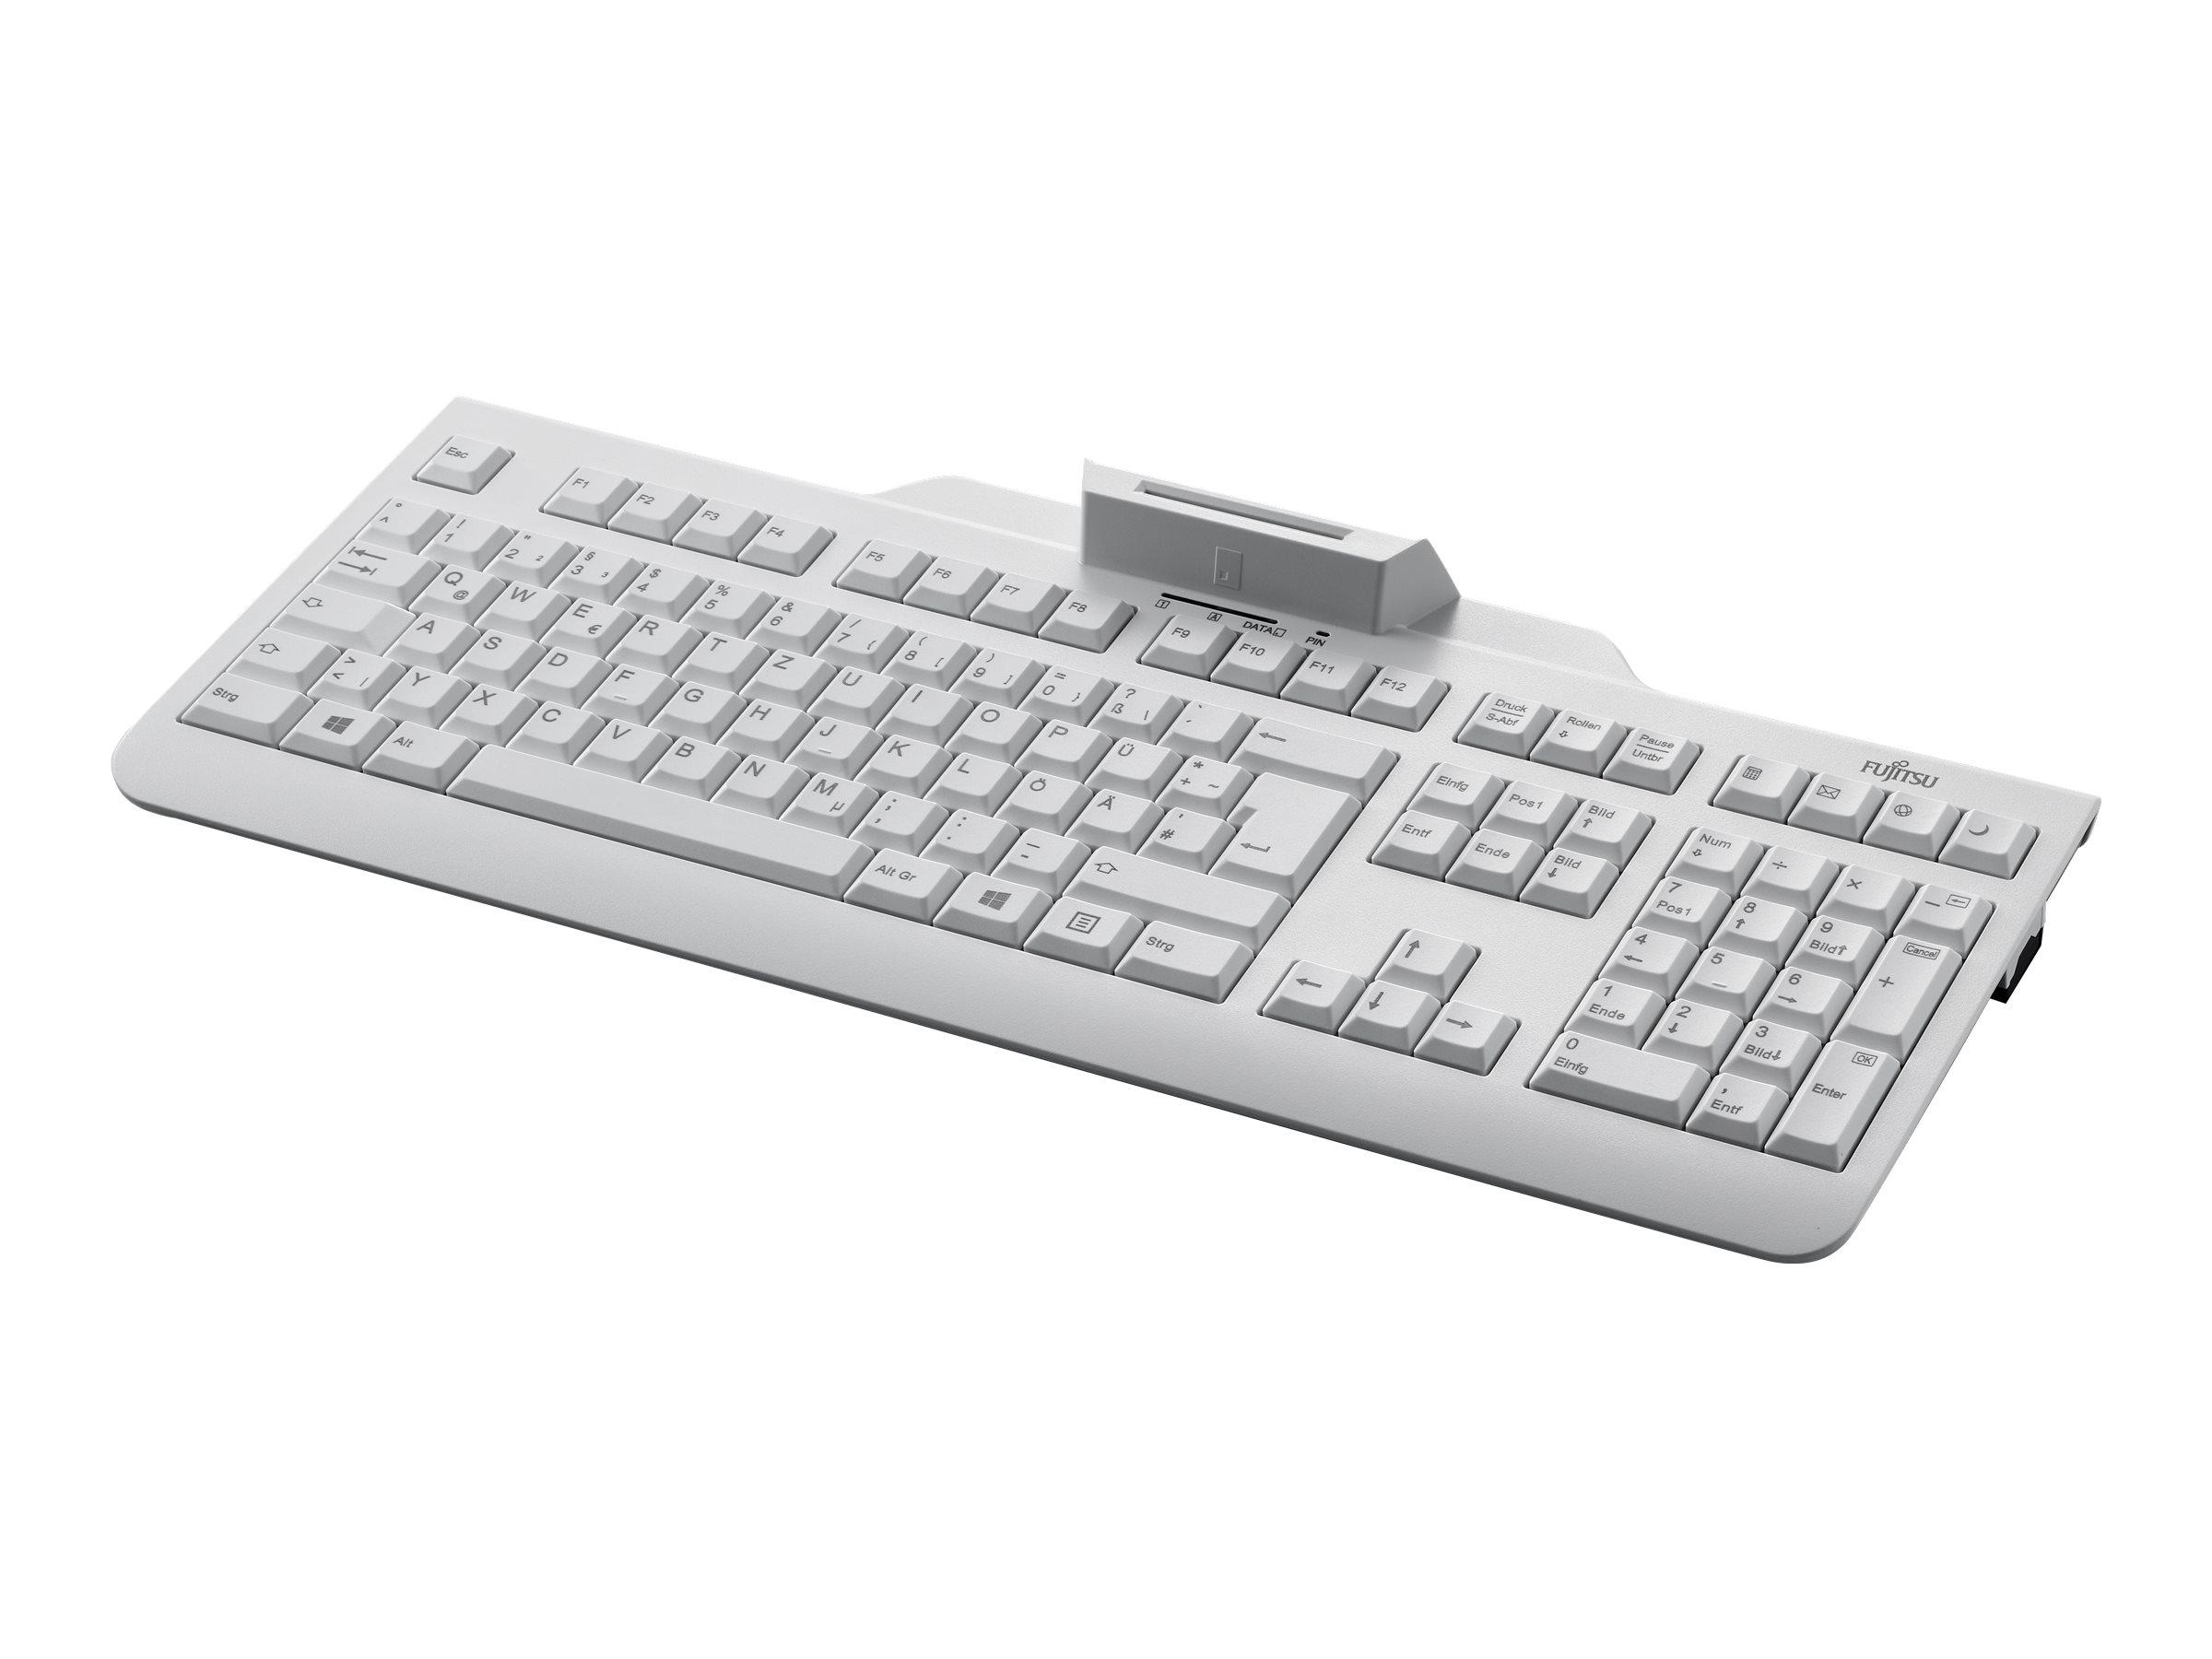 Fujitsu KB 100 SCR - Tastatur - USB - Nordisch - Grau - für Celsius M7010, M770, R970; ESPRIMO P558/E94, P758/E94, Q958; FUTRO S